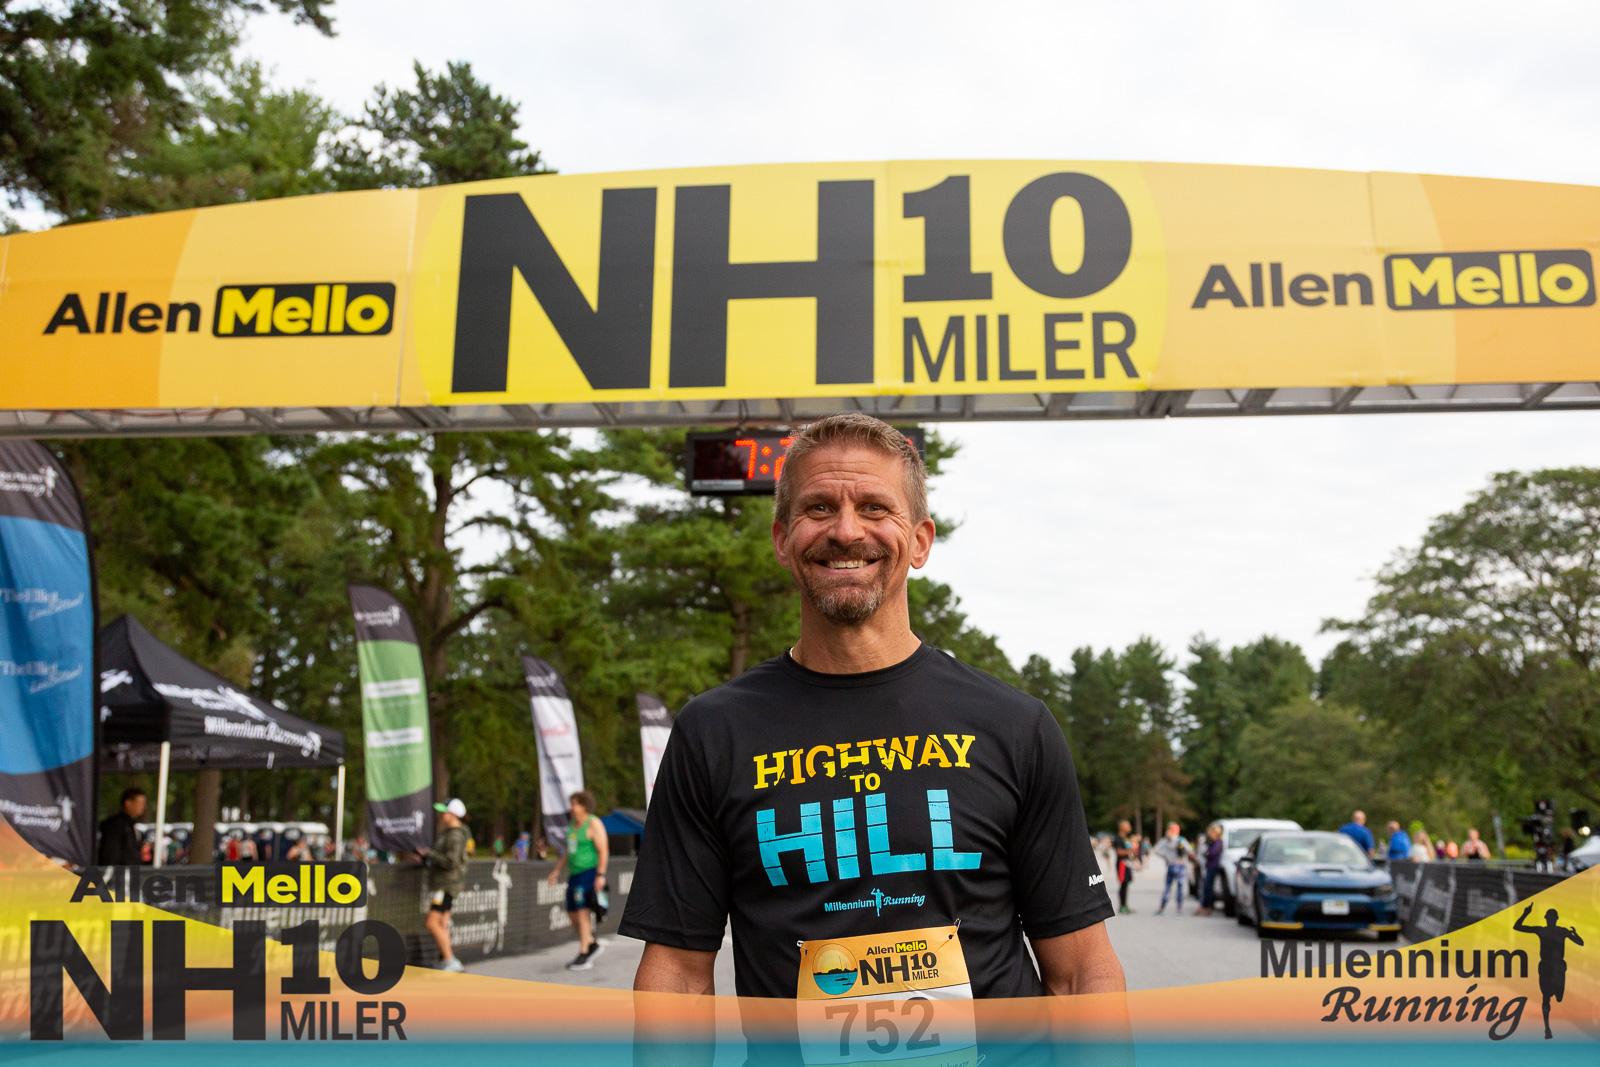 PHOTOS: Allen Mello NH 10 Miler – 2021